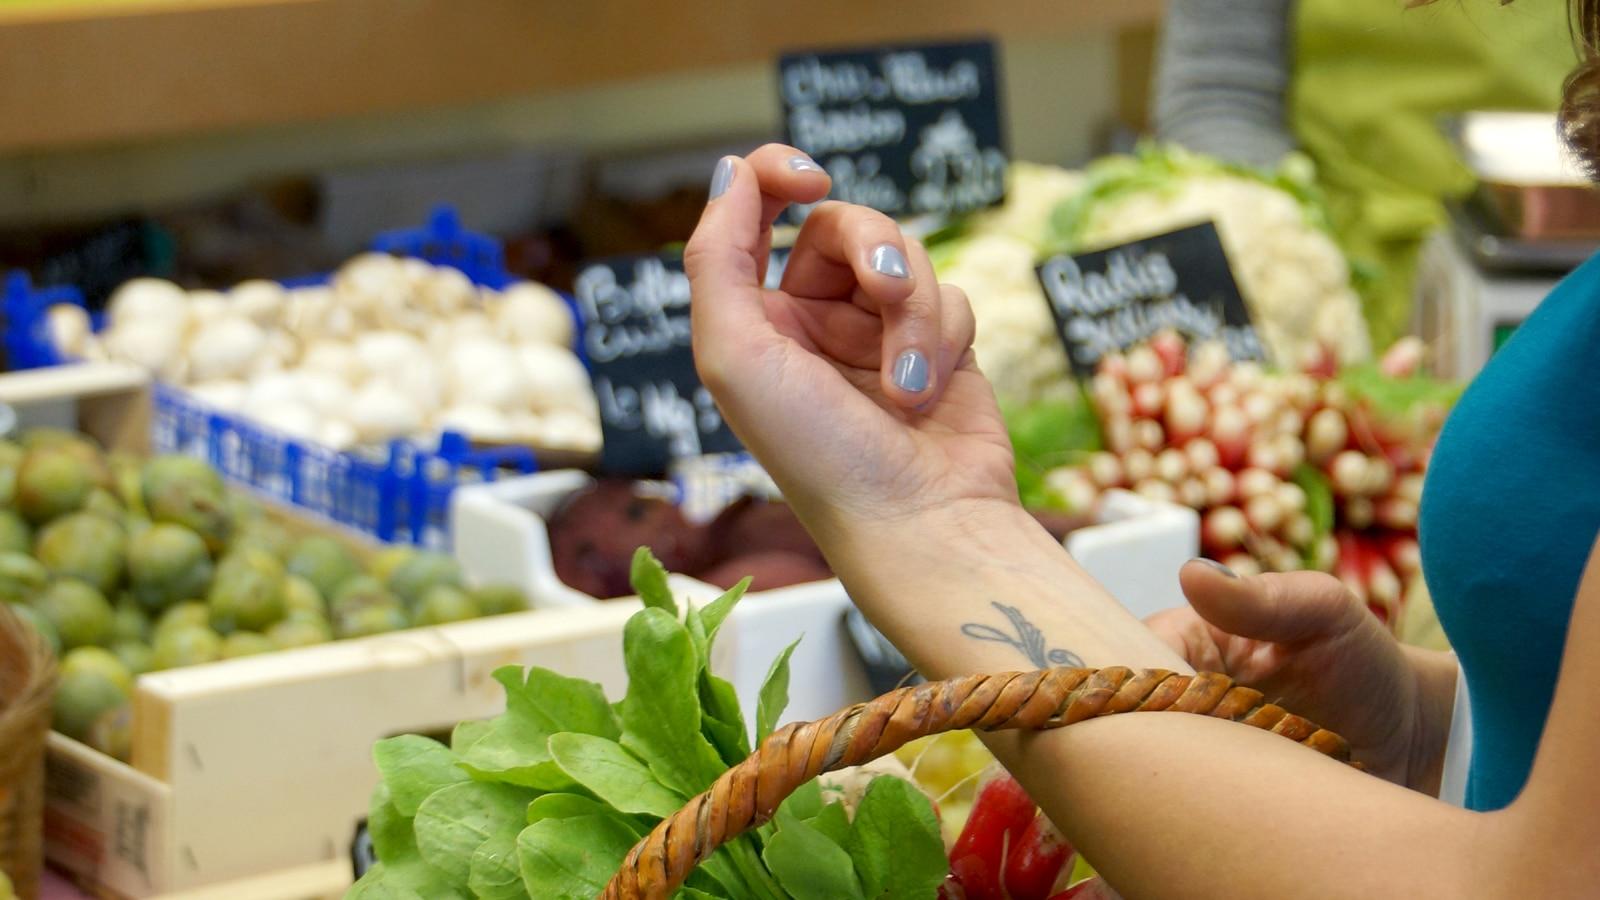 T-manger-marches-vendee-légumes